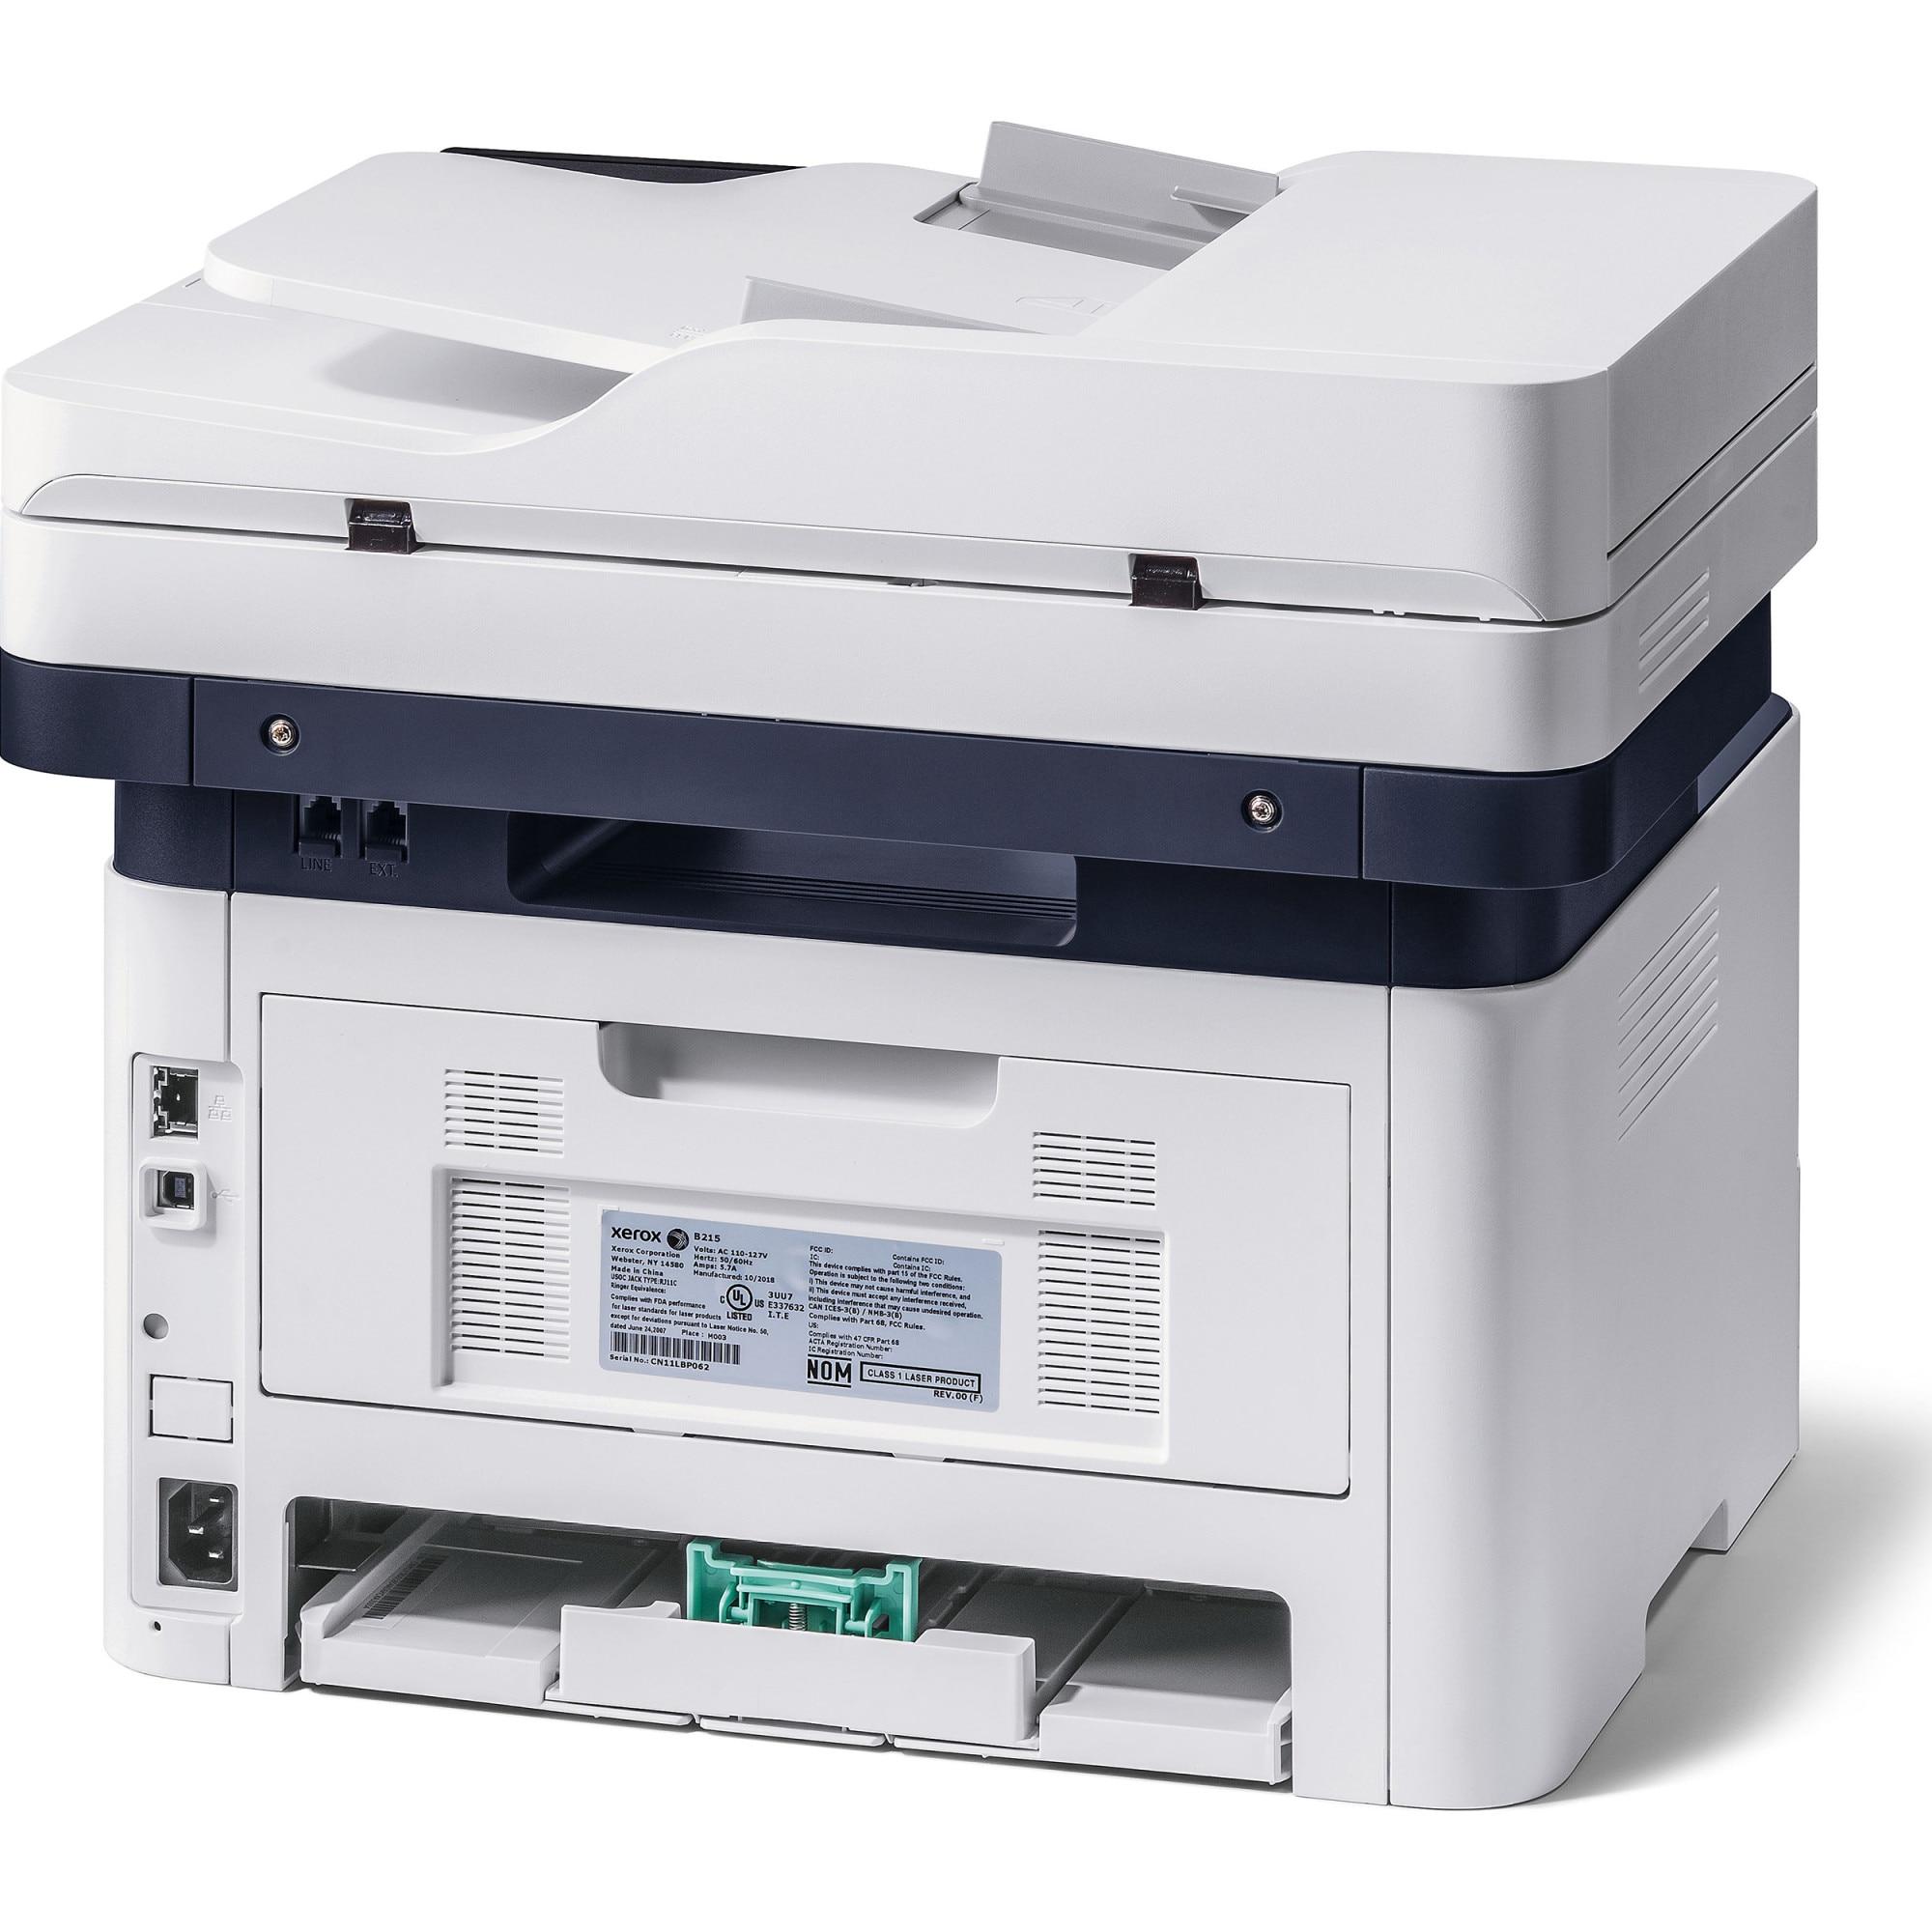 Xerox® B215 többfunkciós nyomtató